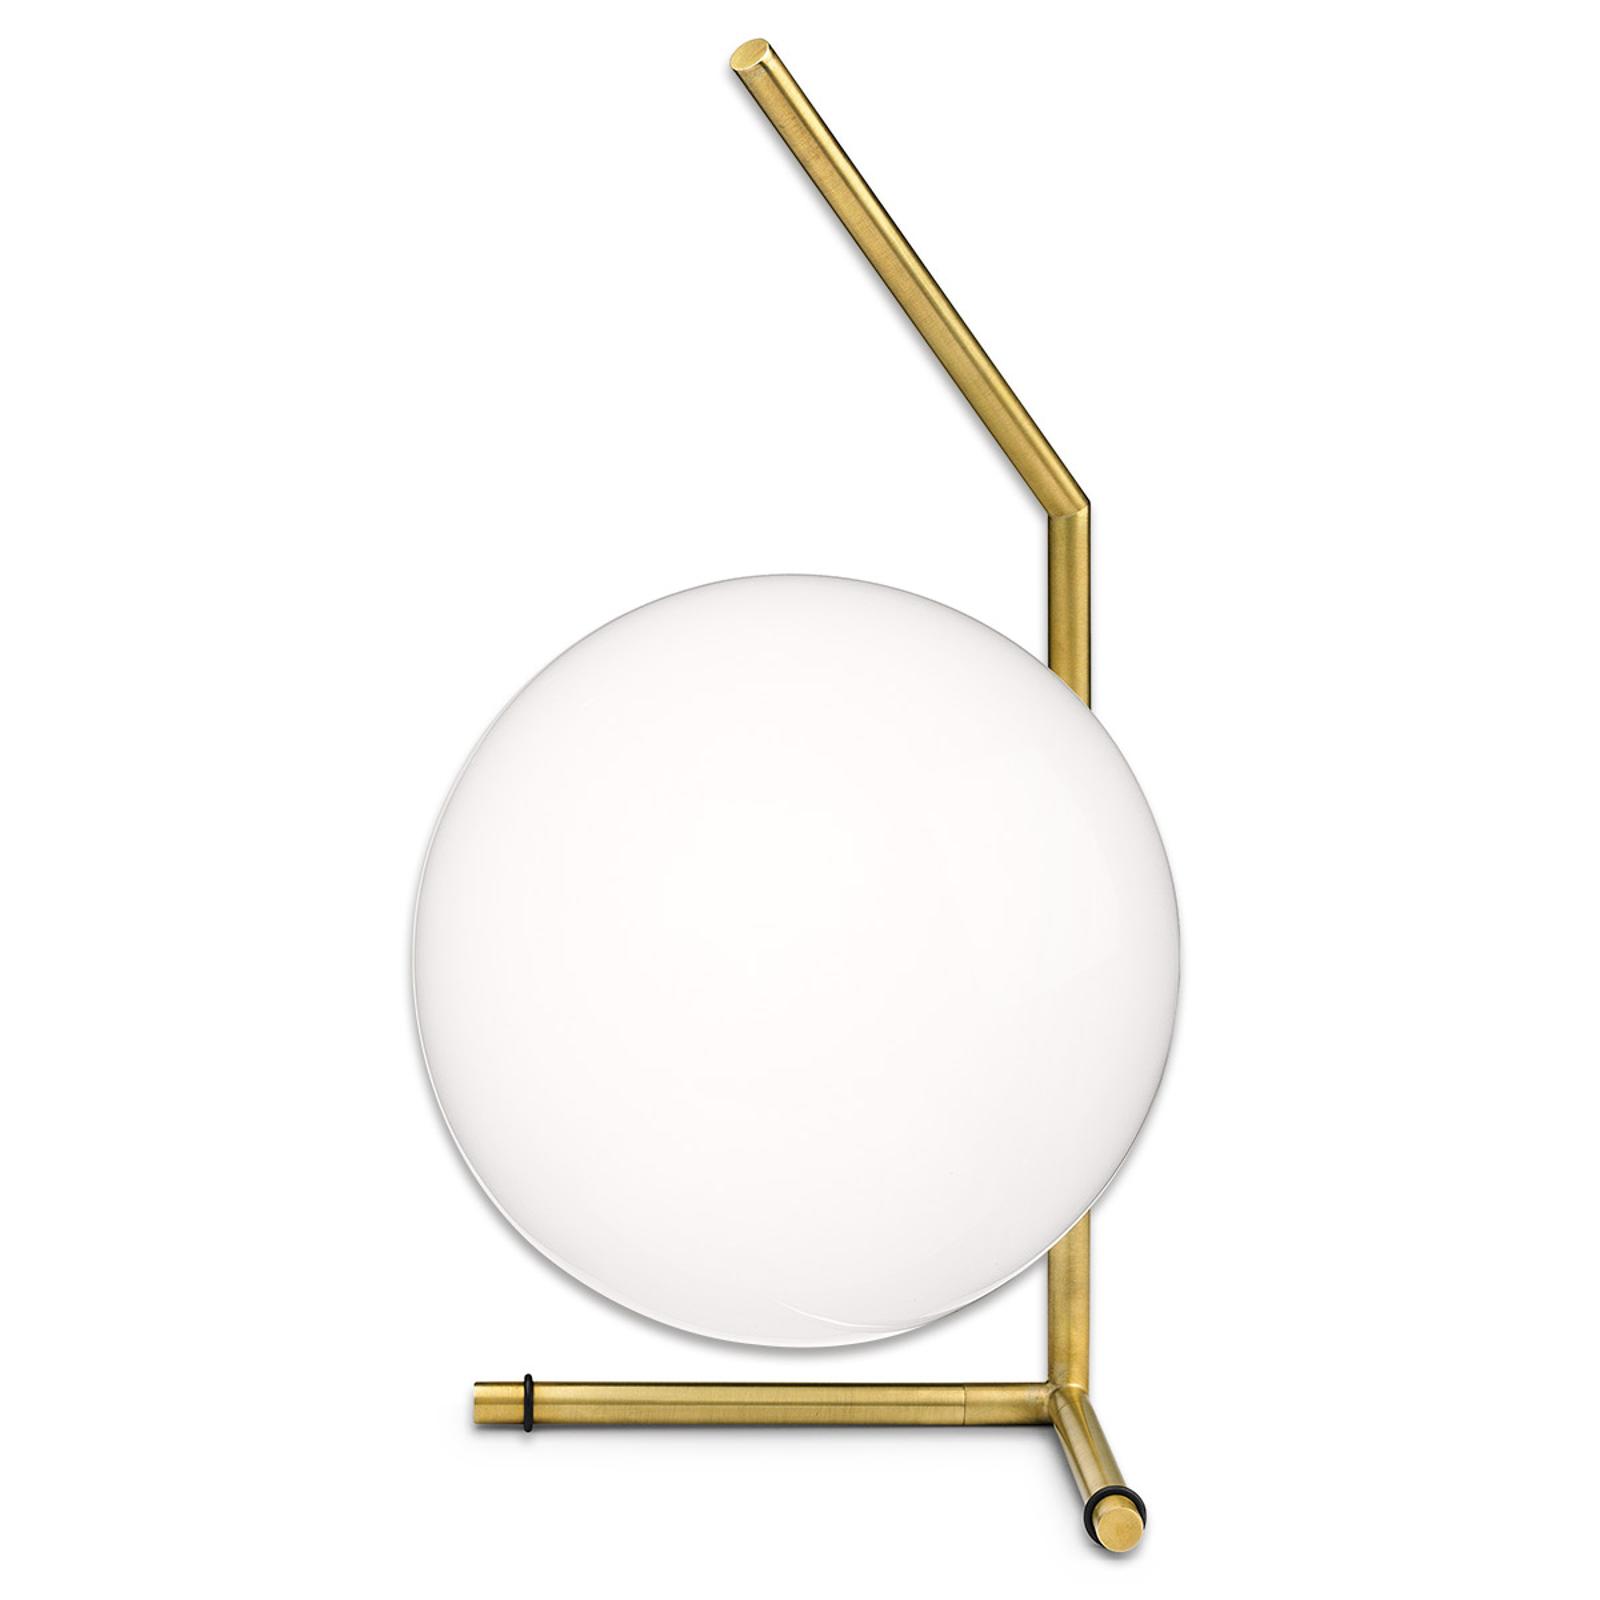 Mooie tafellamp IC T1 van FLOS